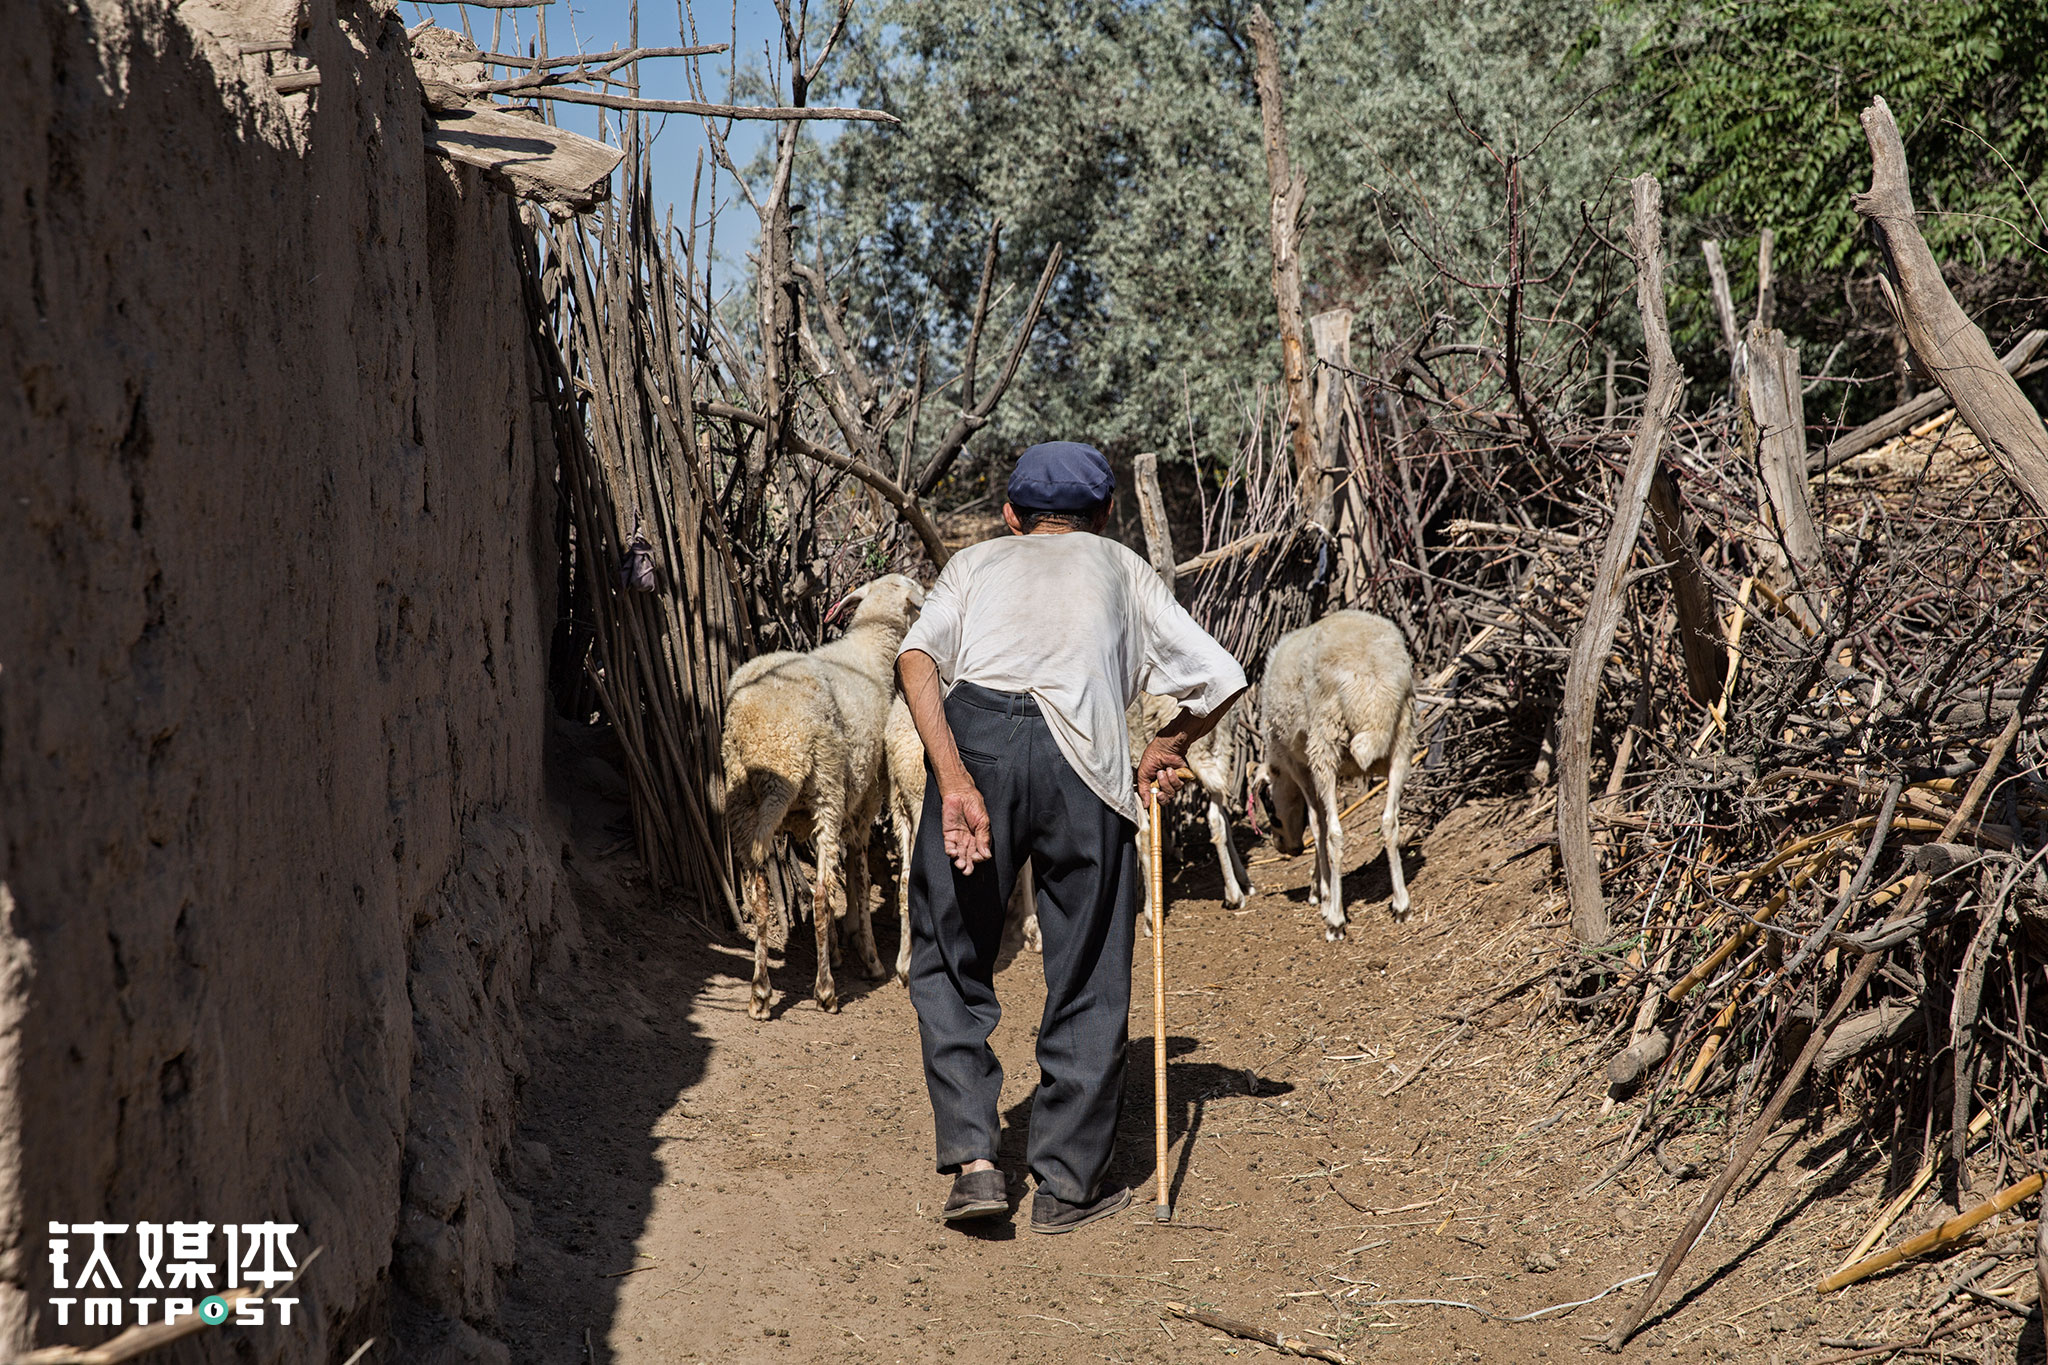 礼智村,一位老人在往自家羊圈赶羊。像很多不发达地区的农村一样,这里也面临着年轻劳动力外流的情况。种庄稼的辛苦和低收益,使得年轻人选择了外出打工,留下的老年人,像李生父亲67岁年纪还下地的已经几乎没有了。